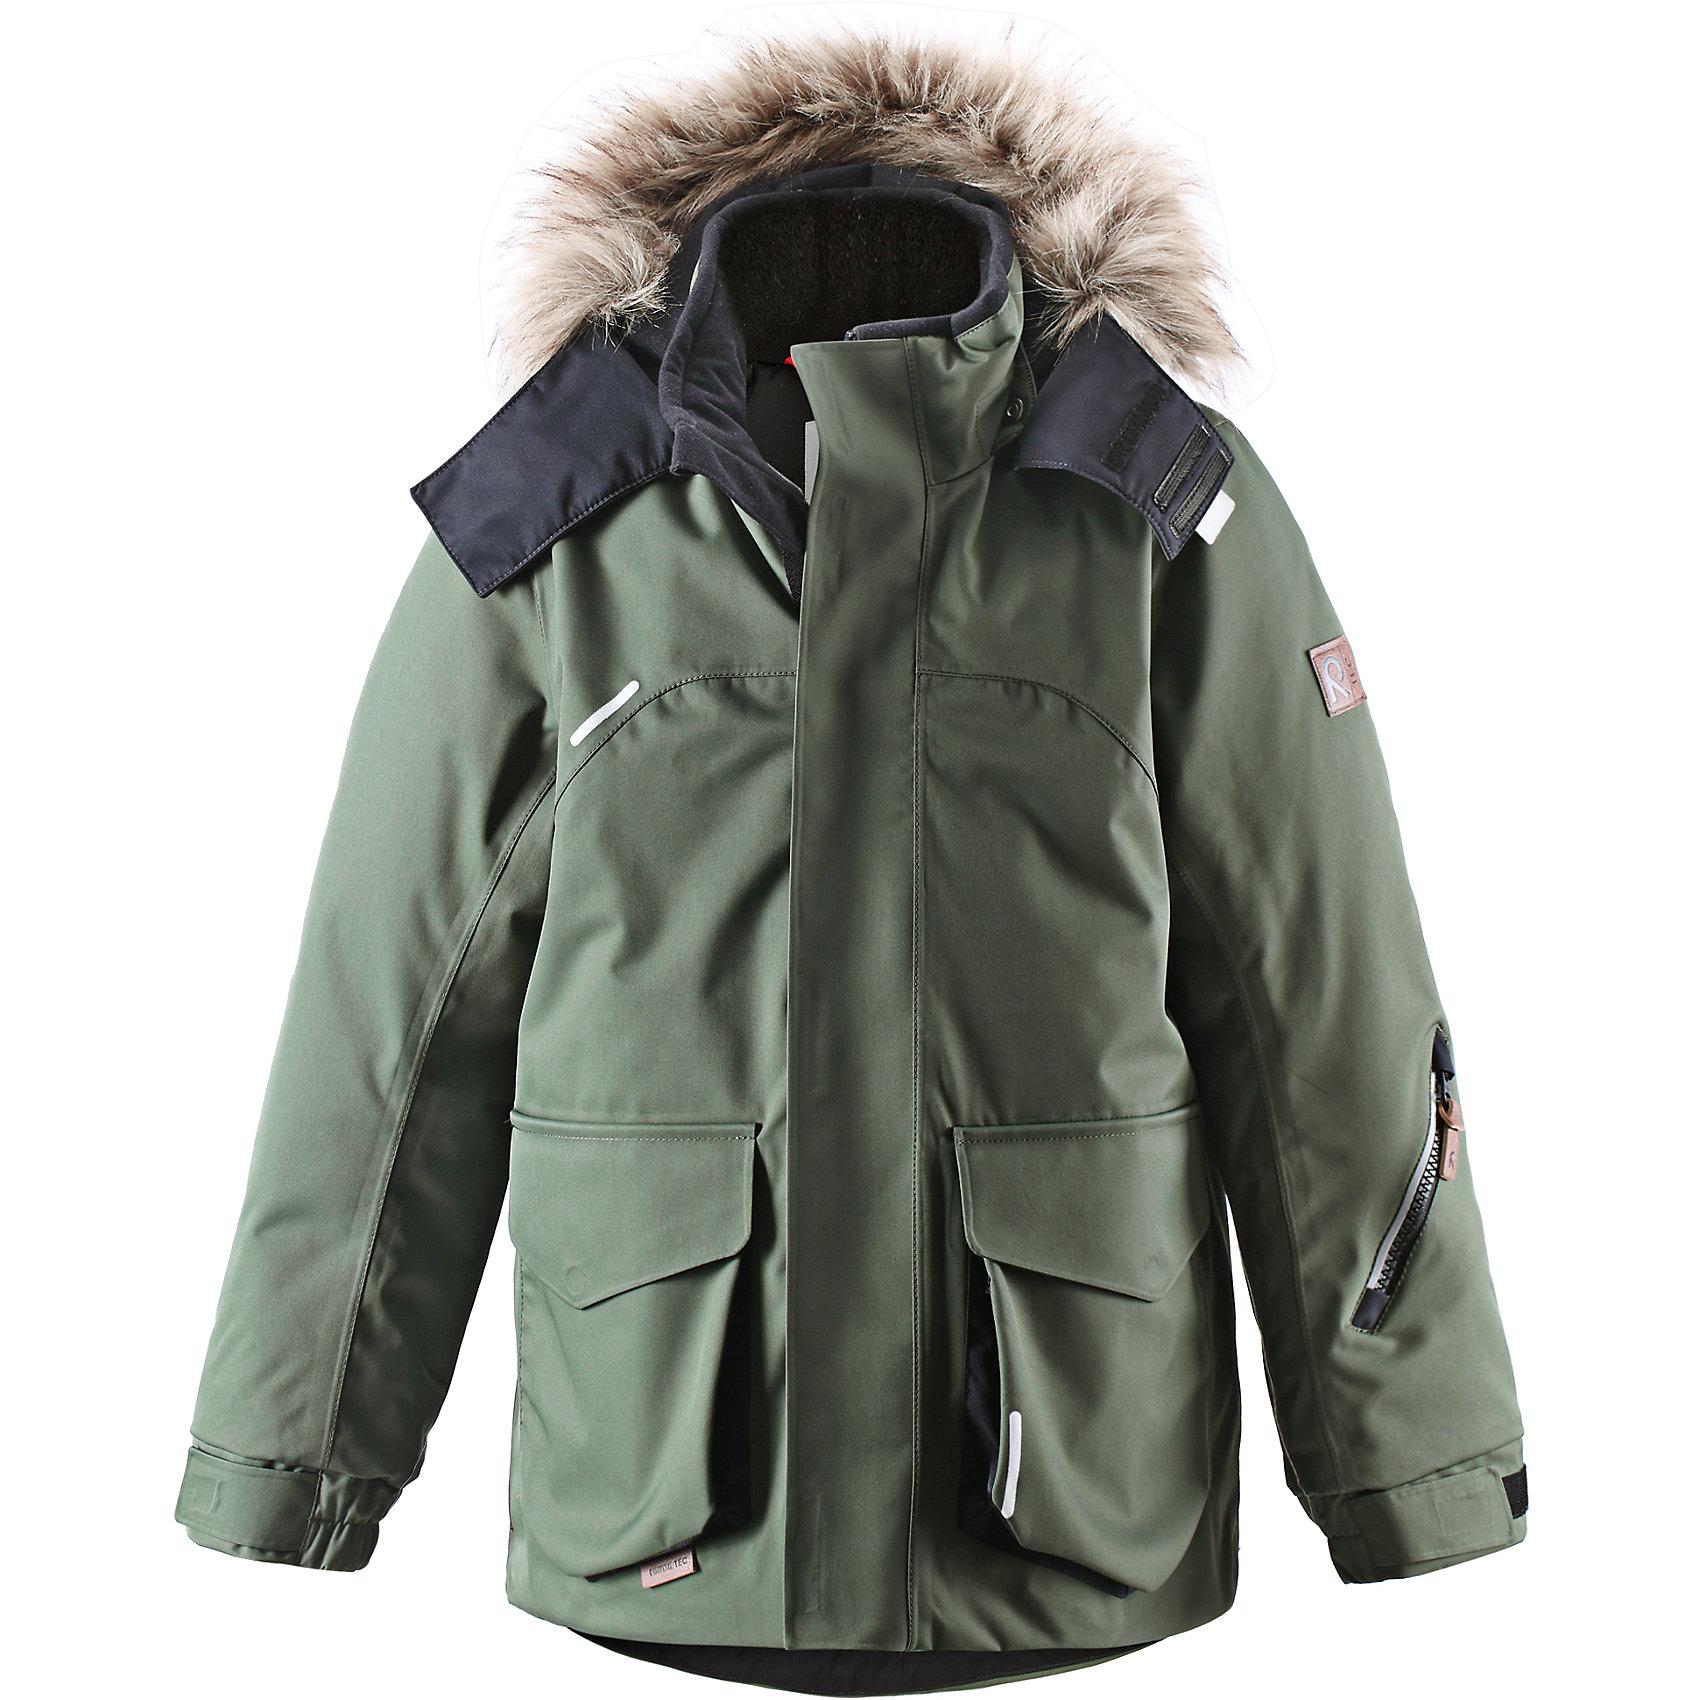 Куртка Reimatec  ReimaЭтой элегантной зимней куртке для детей в классическом стиле не страшны ни время, ни изнашивание! Эта куртка, пошитая из одобренного bluesign® водо- и ветронепроницаемого материала, великолепно подойдёт для любых видов зимних развлечений. Все швы проклеены для водонепроницаемости, чтобы обеспечить максимальный комфорт, сухость и тепло во время зимней прогулки. Ткань пропускает воздух, поэтому ребёнок не вспотеет, когда будет кататься на санках. Куртка с подкладкой из гладкого полиэстера легко надевается и удобно носится с тёплым промежуточным слоем. Удлинённая прямого покроя модель для мальчиков с регулируемым подолом и манжетами. Съёмный капюшон дополнен стильным искусственным мехом, который при желании можно отстегнуть. Защитный капюшон не представляет опасности во время игры на улице, потому что легко отстёгивается, если за что-нибудь зацепится. Развлекаясь на улице, самые ценные маленькие вещицы можно спрятать в большие карманы с клапанами и внутренний нагрудный карман. Эта куртка не требует особого ухода. Можно сушить в центрифуге.<br><br>Дополнительная информация:<br><br>Температурный режим: -20 <br>Средняя степень утепления: 140 г<br>Водонепроницаемая зимняя куртка для подростков, модель для мальчиков<br>Основной материал - bluesign®<br>Все швы проклеены, водонепроницаемы<br>Безопасный съёмный регулируемый капюшон, украшенный отстёгивающимся искусственным мехом<br>Два боковых кармана с клапанами<br>Регулируемый подол<br><br>Куртку Reimatec (Рейматек) от популярной финской марки Reima (Рейма) можно купить в нашем магазине.<br><br>Ширина мм: 356<br>Глубина мм: 10<br>Высота мм: 245<br>Вес г: 519<br>Цвет: зеленый<br>Возраст от месяцев: 144<br>Возраст до месяцев: 156<br>Пол: Унисекс<br>Возраст: Детский<br>Размер: 158,140,128,152,104,146,164<br>SKU: 4414149